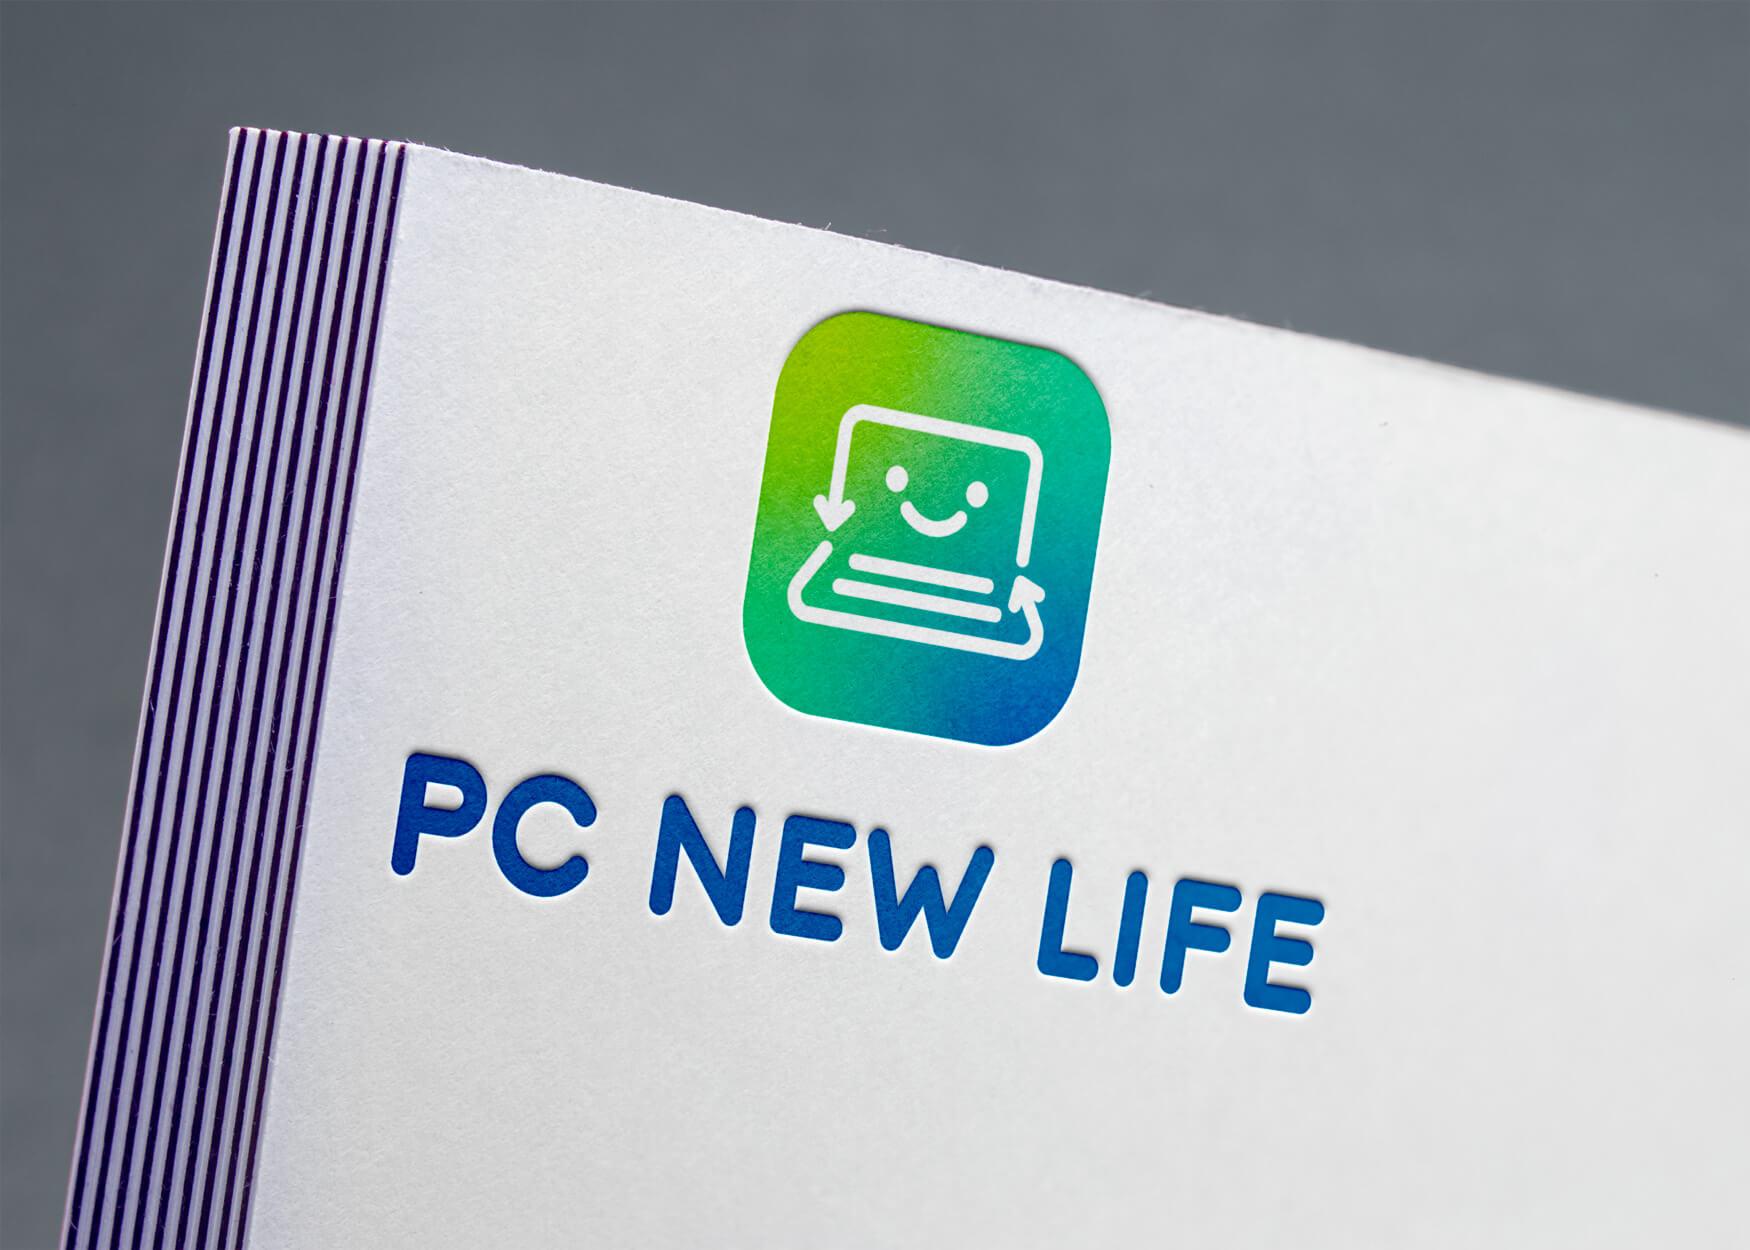 création identité de marque pc new lif